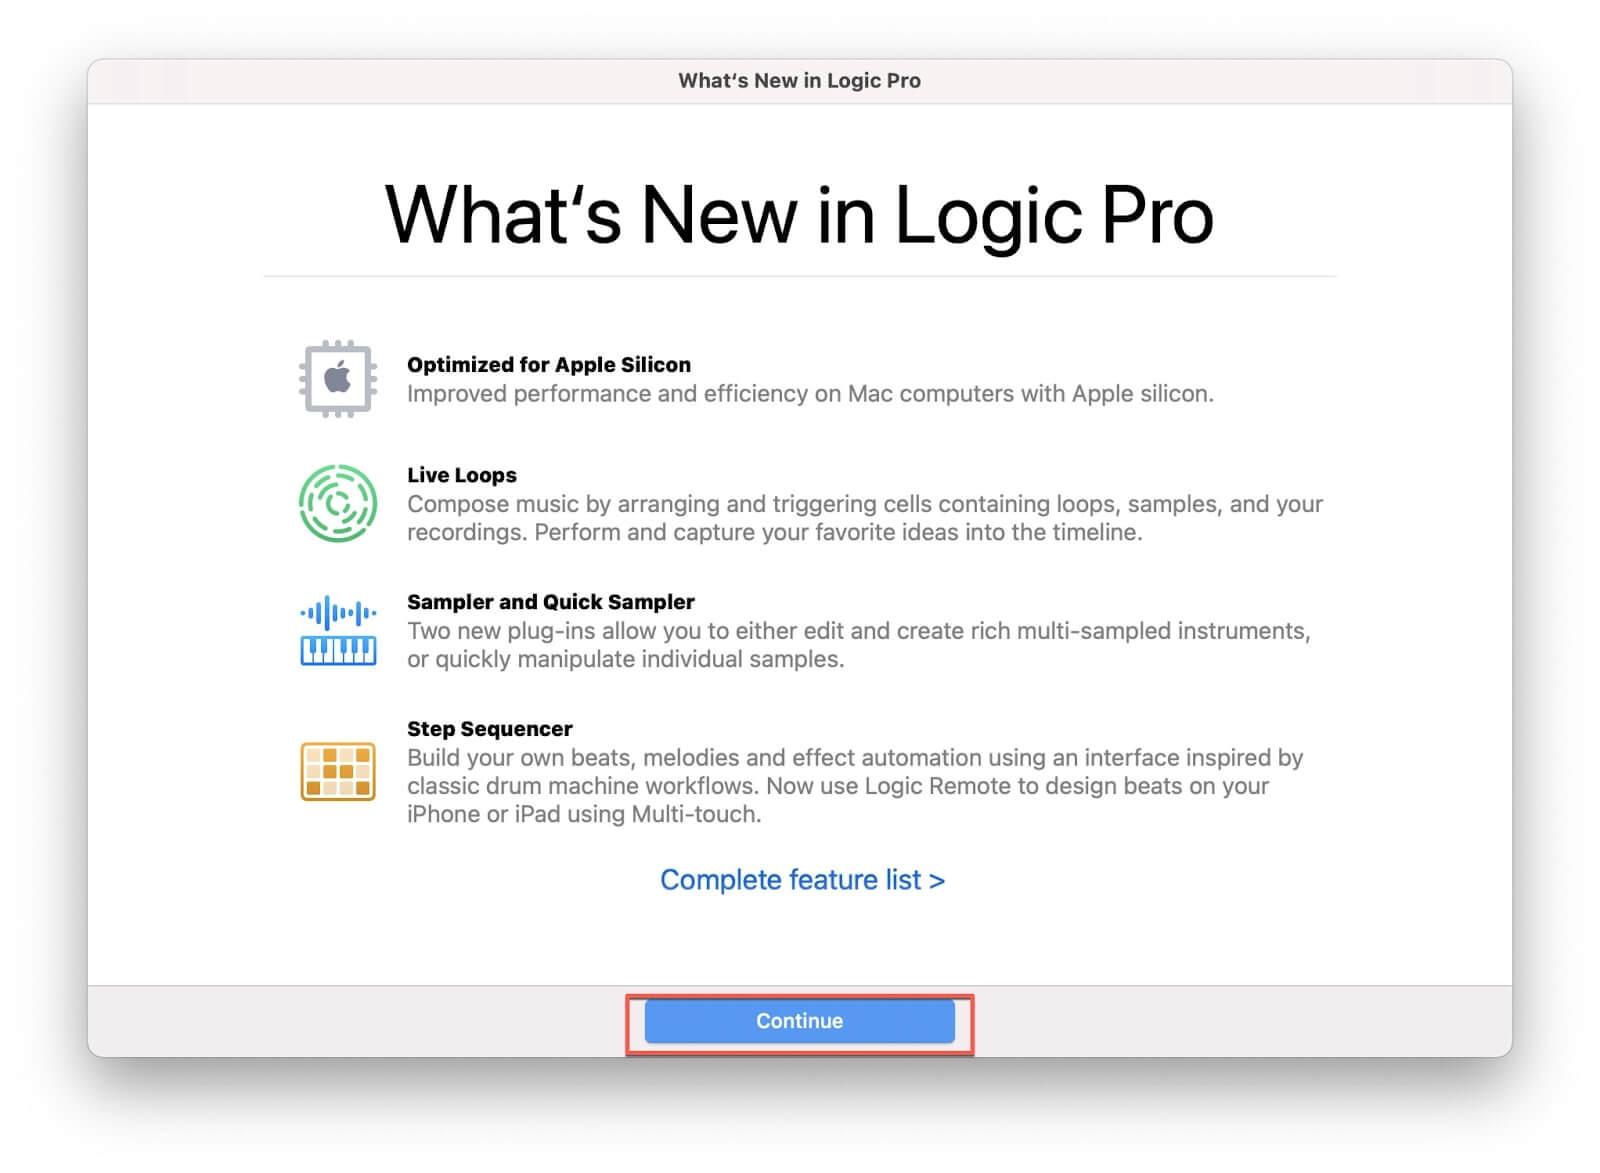 new in logic pro